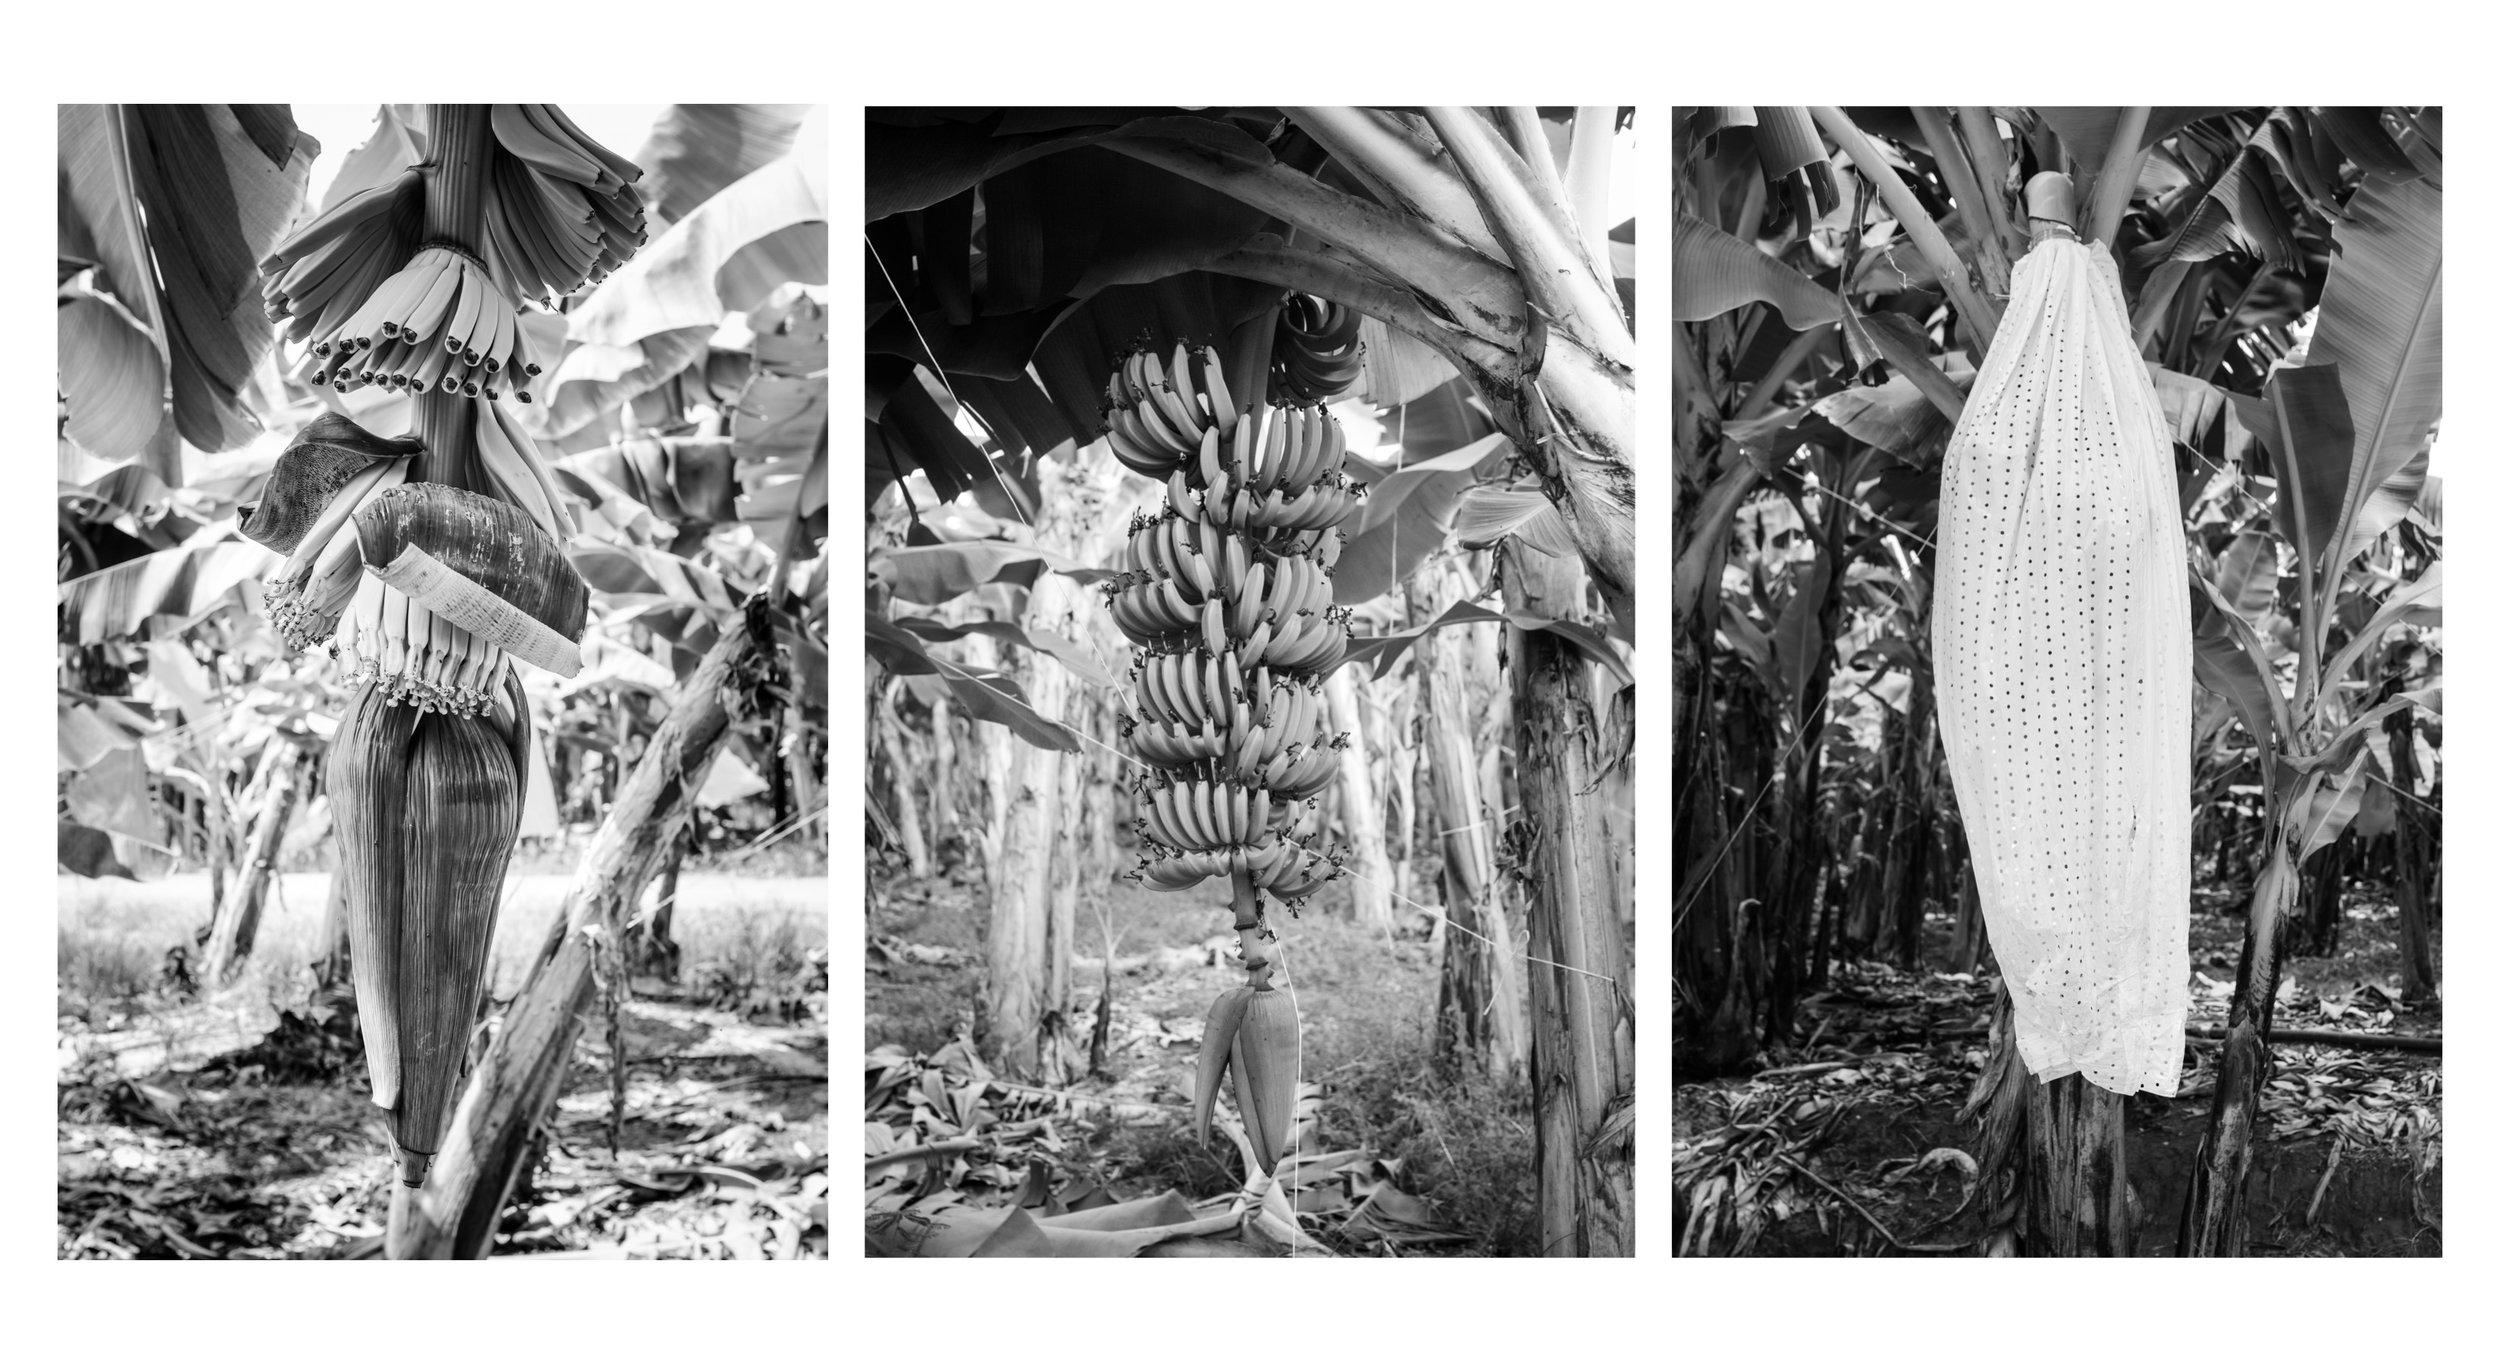 El tiempo entre la siembra de una planta y la cosecha es de 9 a 12 meses. La flor aparece en el sexto o séptimo mes. Y se convierte finalmente en un racimo de bananas.   The time between planting and harvesting is between 9 to 12 months. The flower appears in the sixth or seventh month. It finally becomes a raceme of bananas.